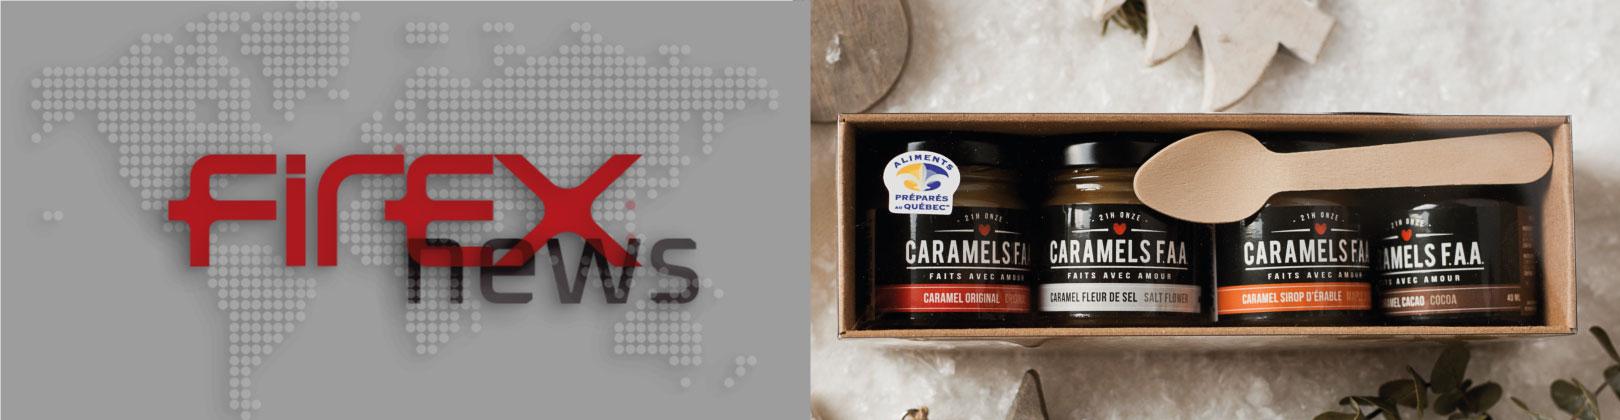 CARAMELS F.A.A.: Stiamo già ragionando di acquistare la più grande della Gamma Cucimix